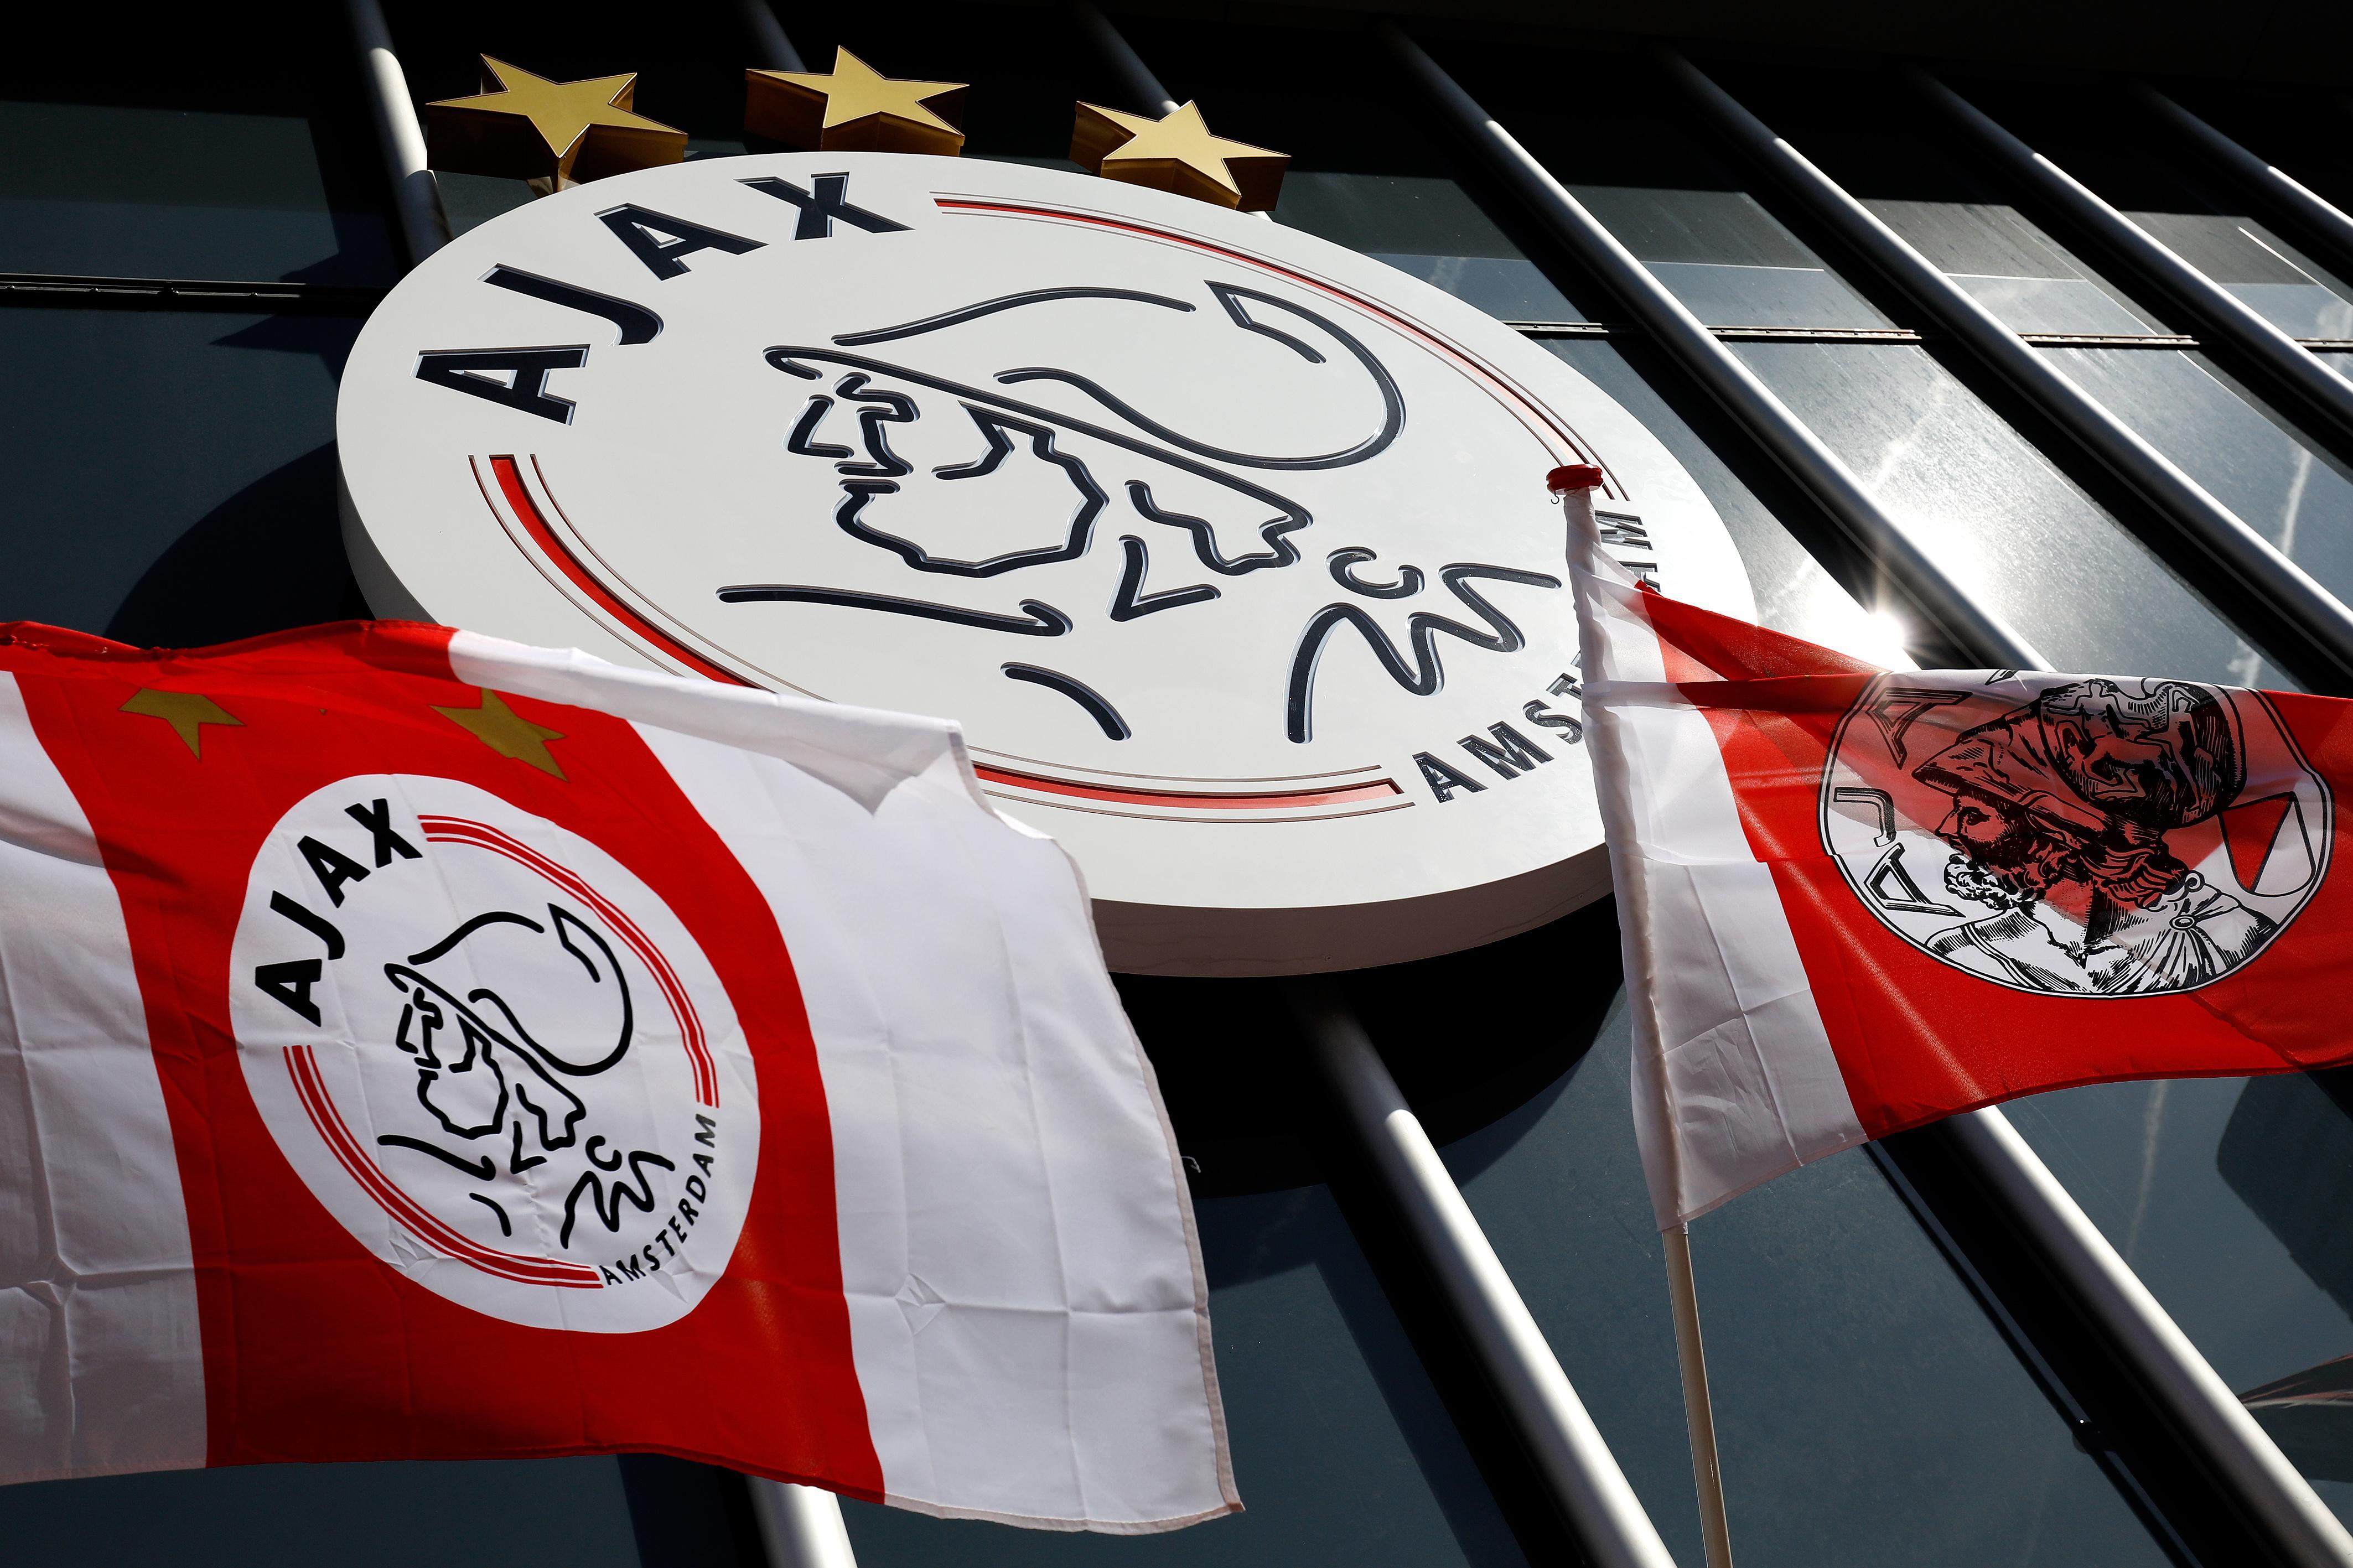 Ajax naar KNVB om verbod op supporters bij uitwedstrijd tegen ADO